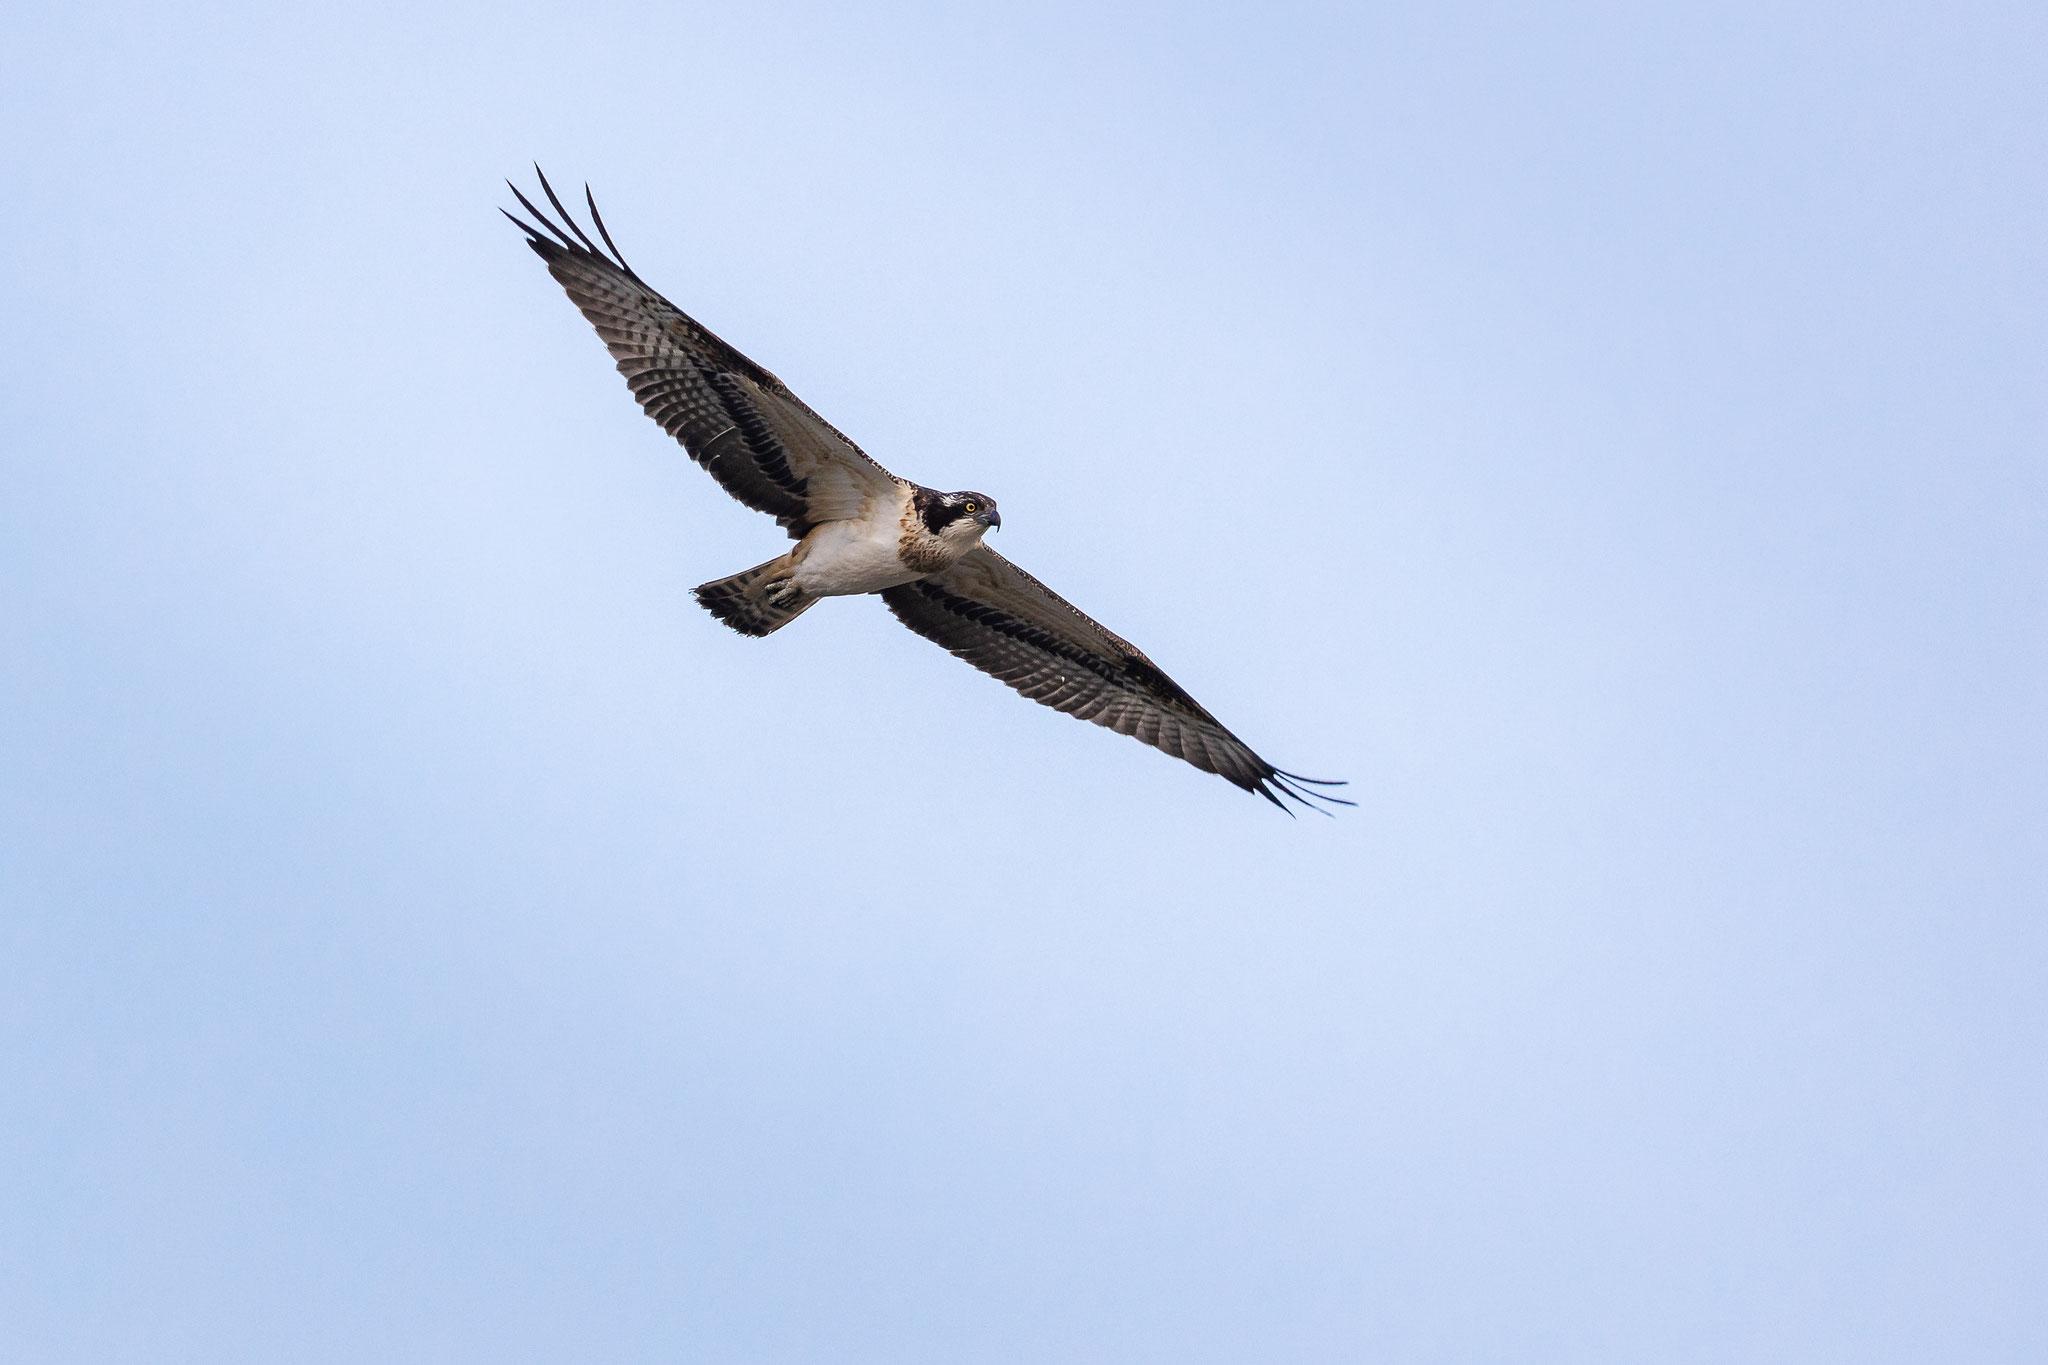 Der Fischadler im Suchflug